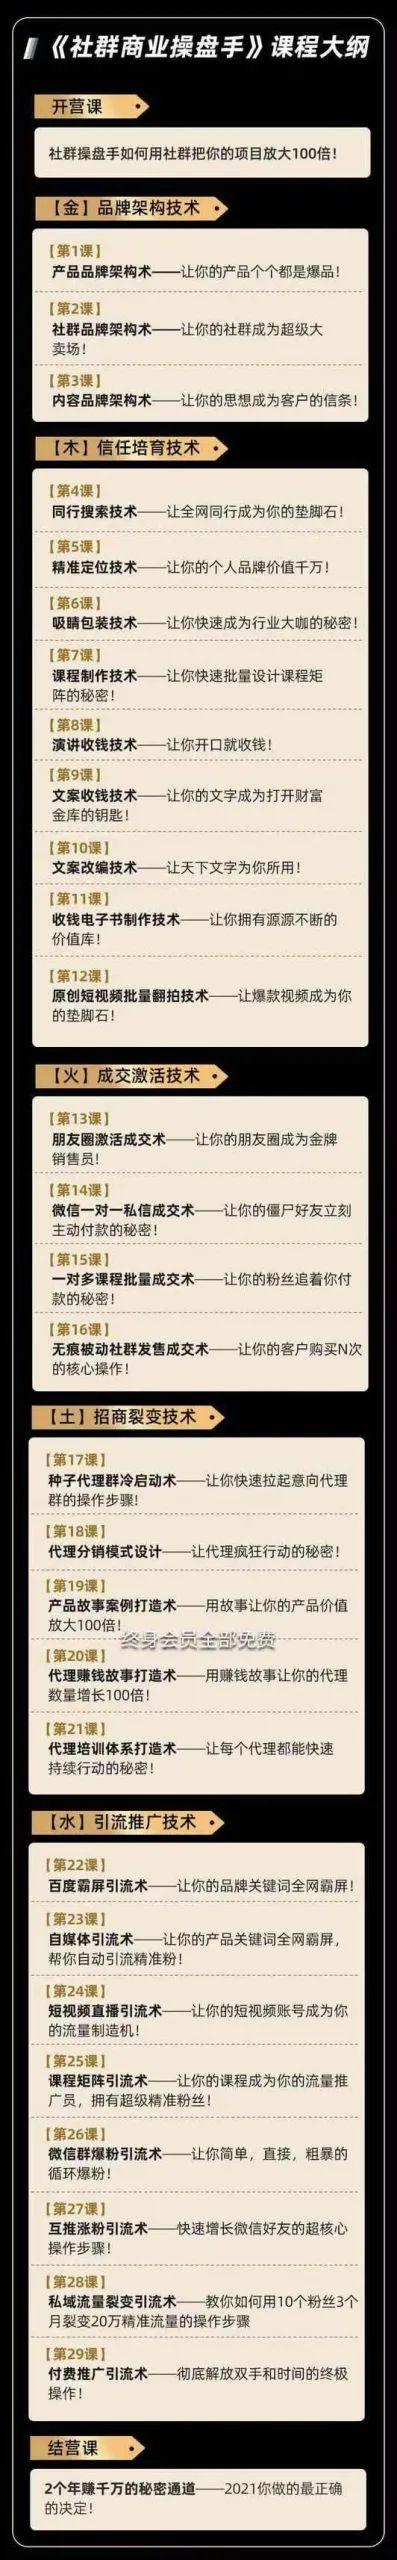 狼师爷·社群商业操盘手1.0课程2.jpg